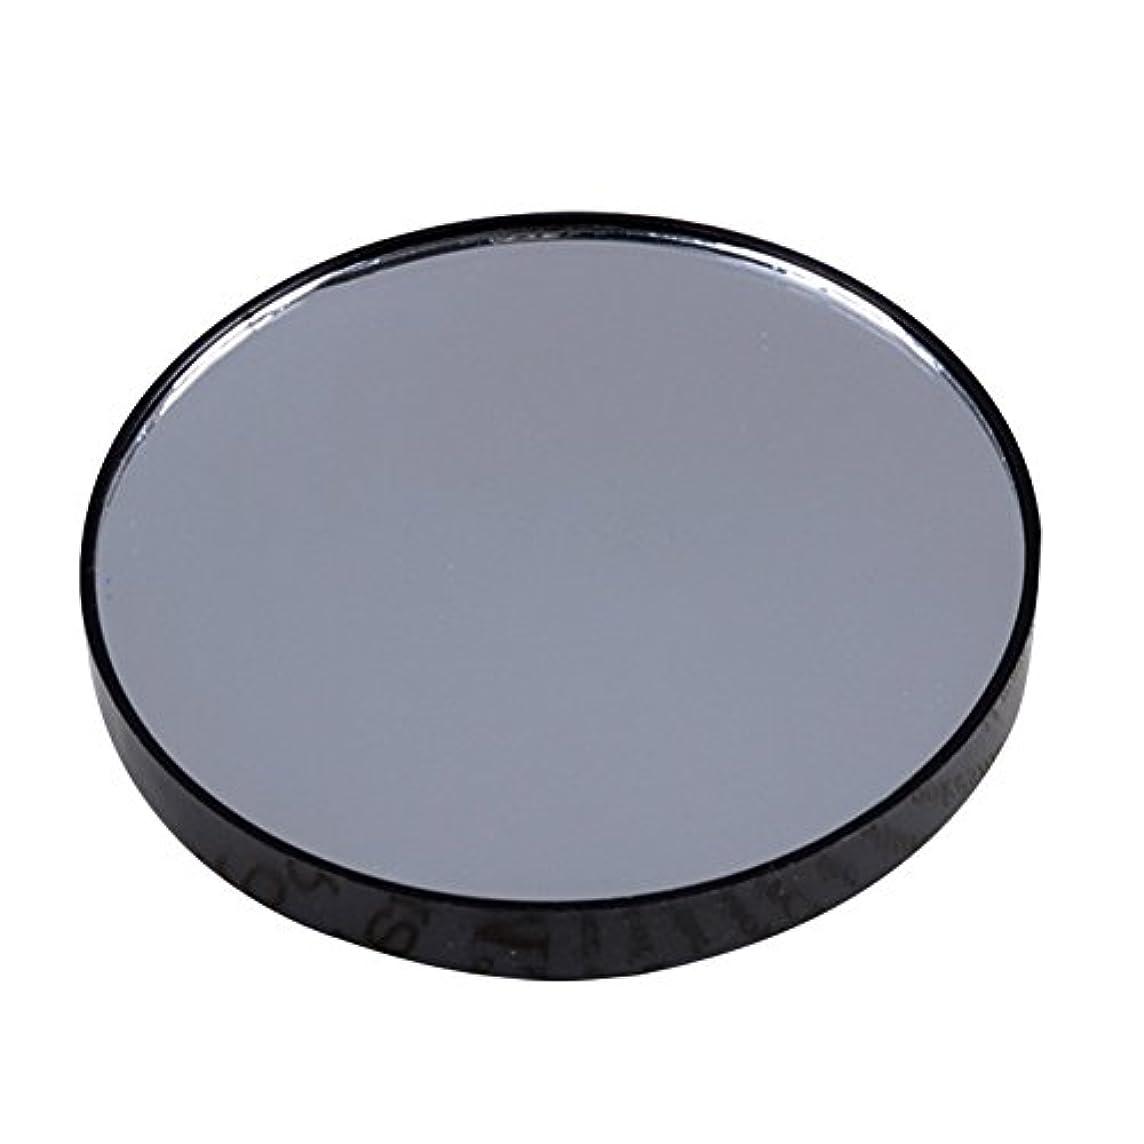 はさみ避ける自発YideaHome メイクアップミラー 化粧鏡 拡大鏡 5倍 10倍 15倍 強力吸盤付き メイクミラー 化粧ミラー (5倍)